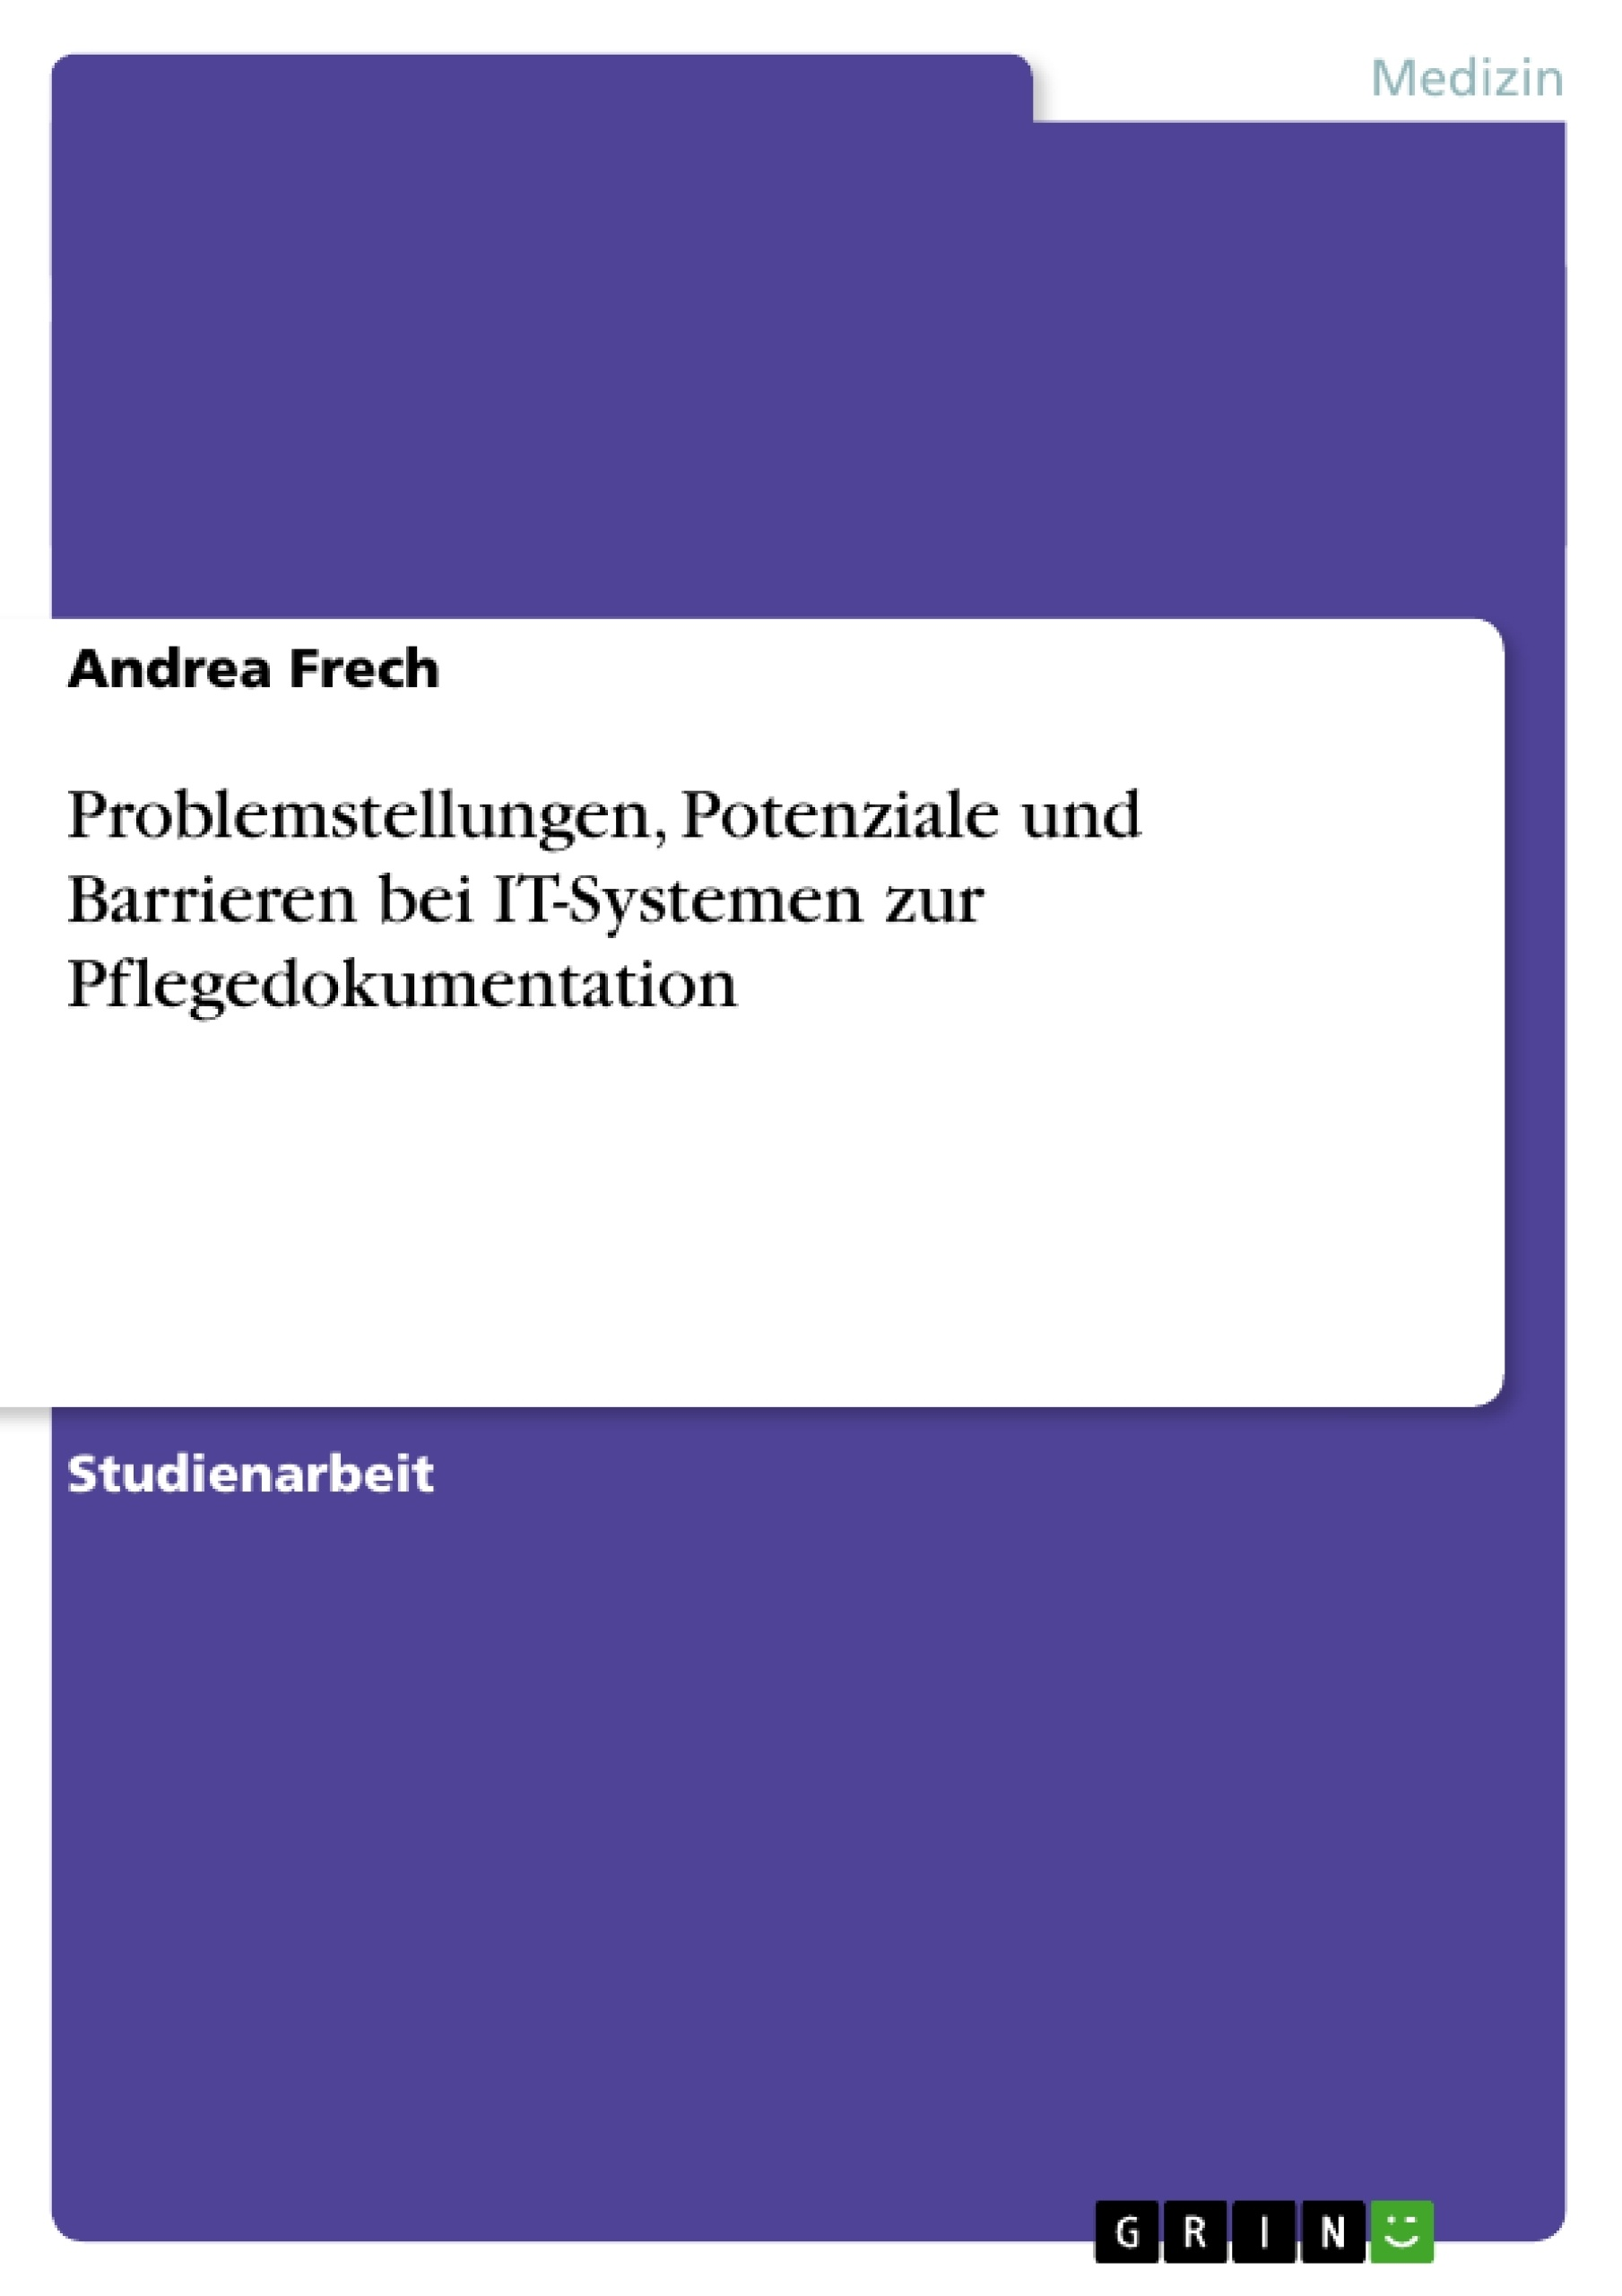 Titel: Problemstellungen, Potenziale und Barrieren bei IT-Systemen zur Pflegedokumentation